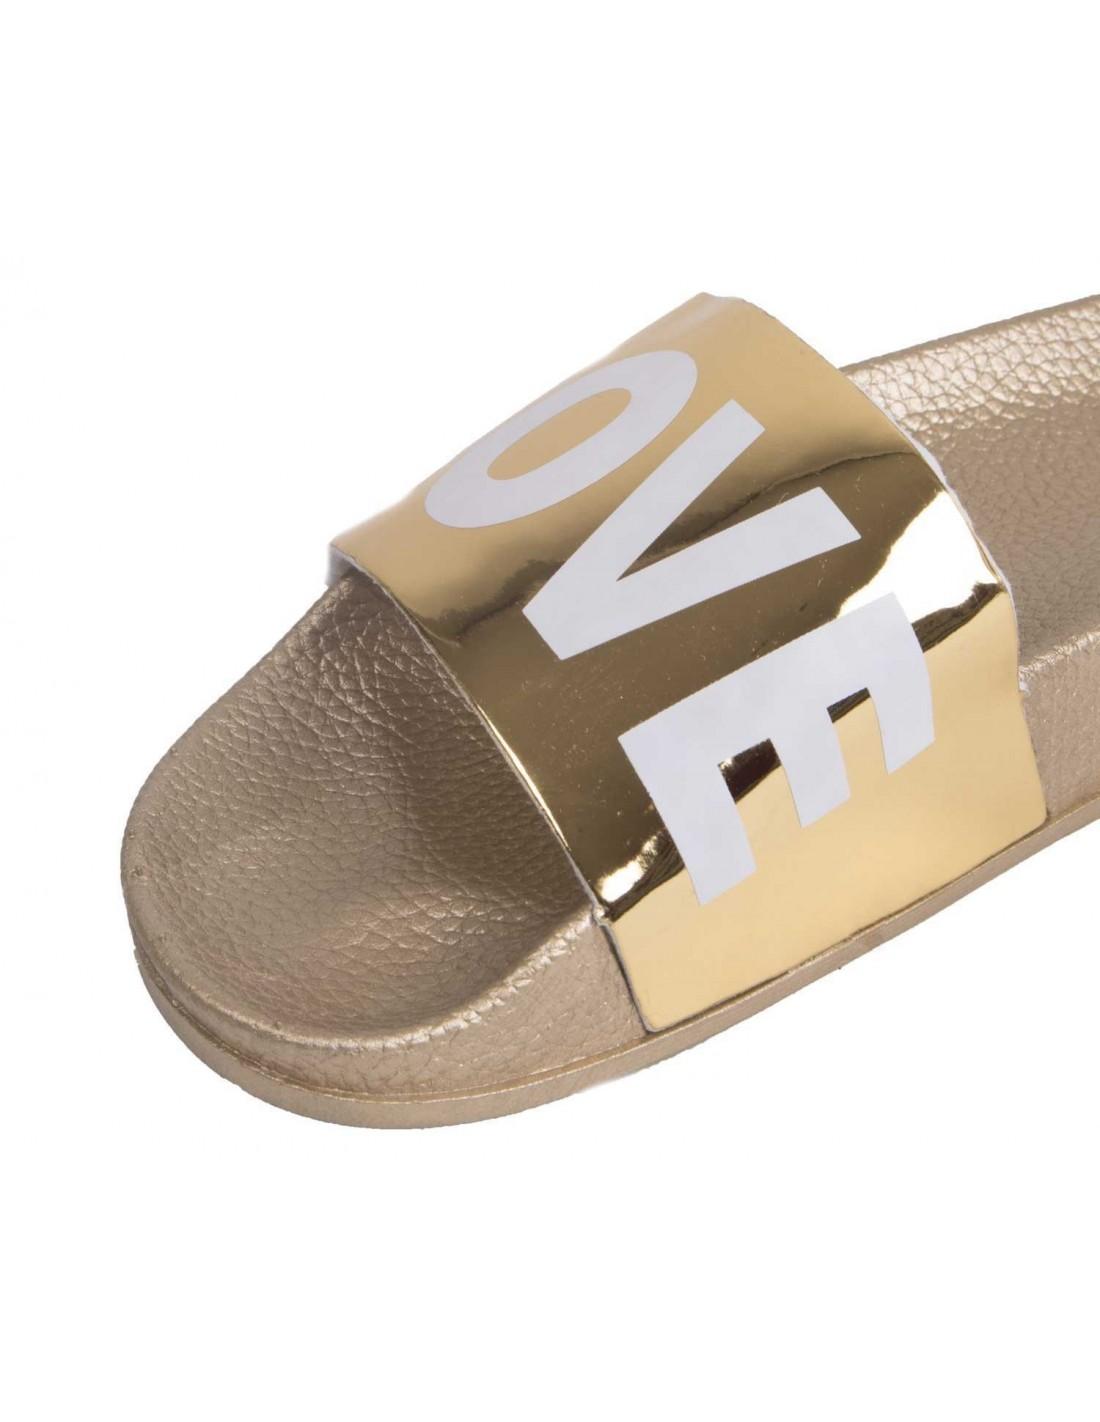 810f30a52637e Claquette LOVE dorée type mule femme doré chaussure été femme